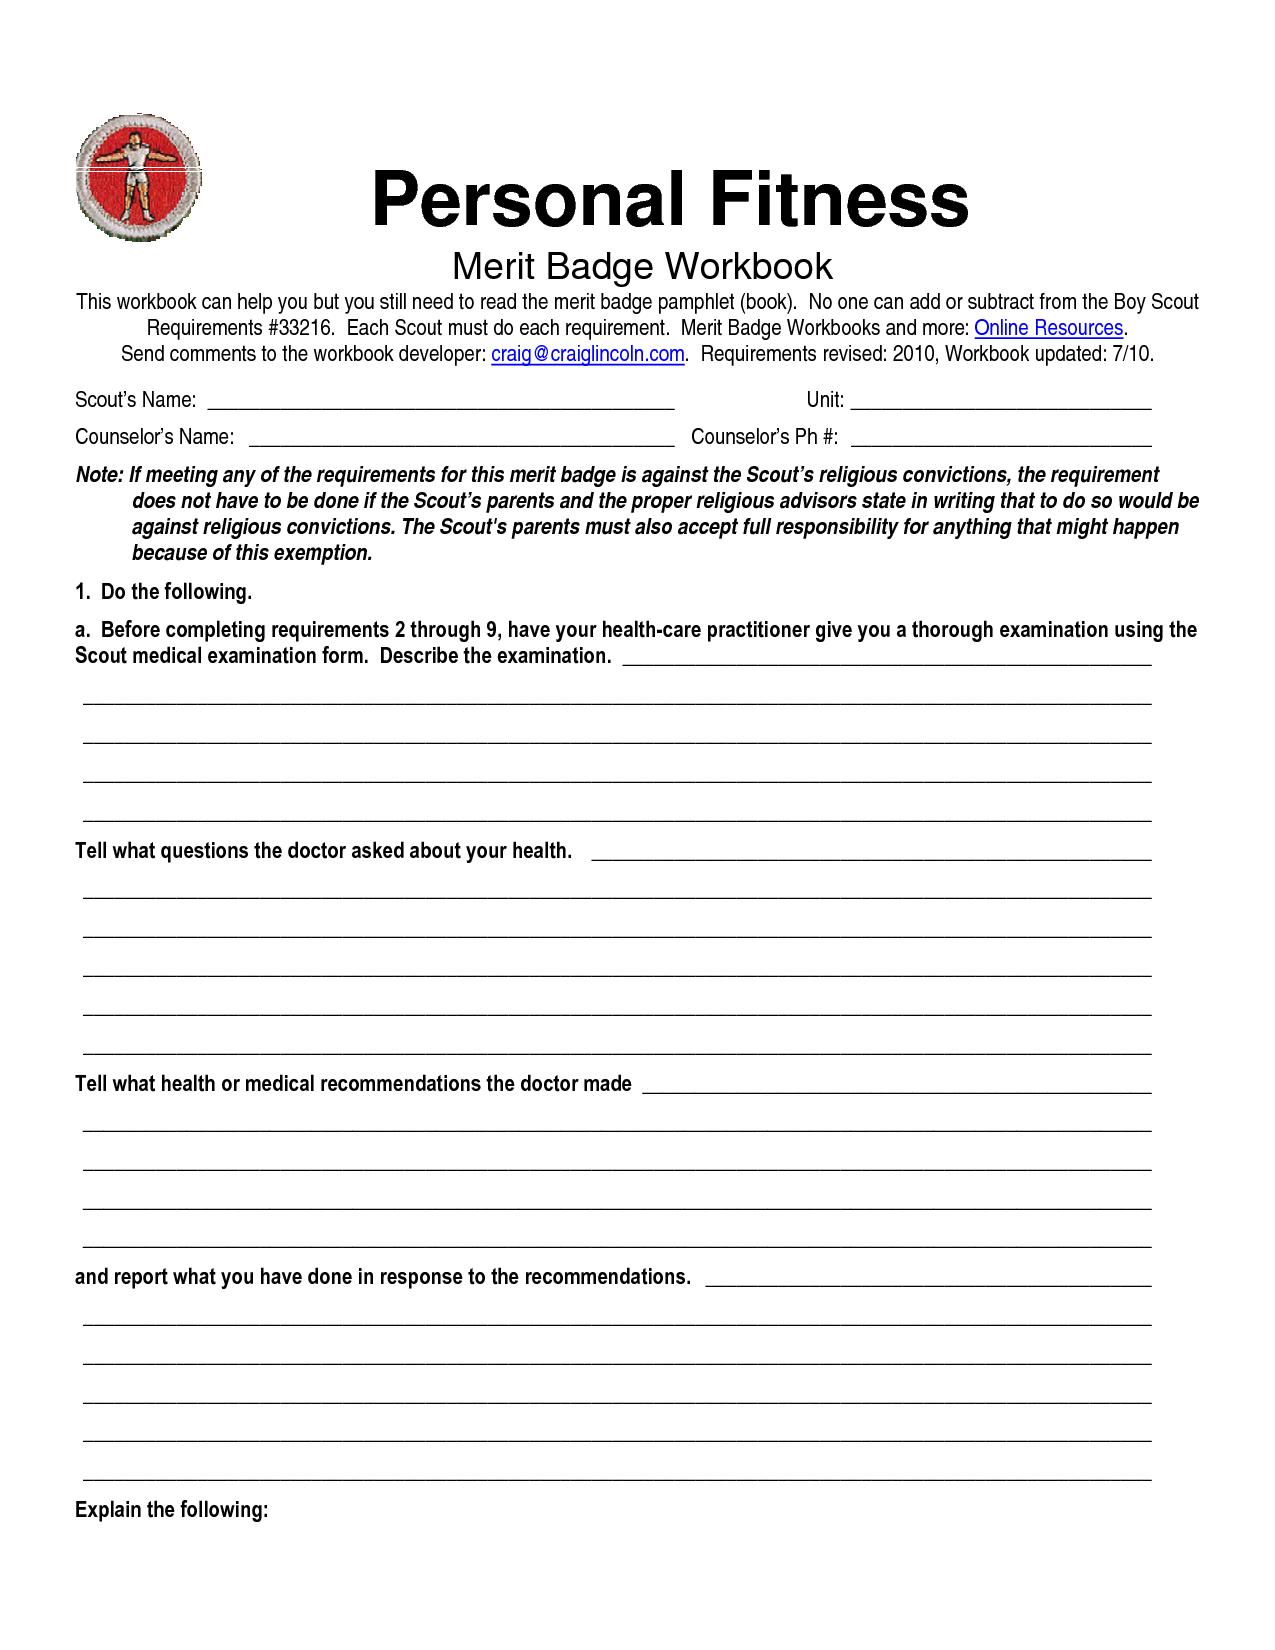 Family Life Merit Badge Worksheet